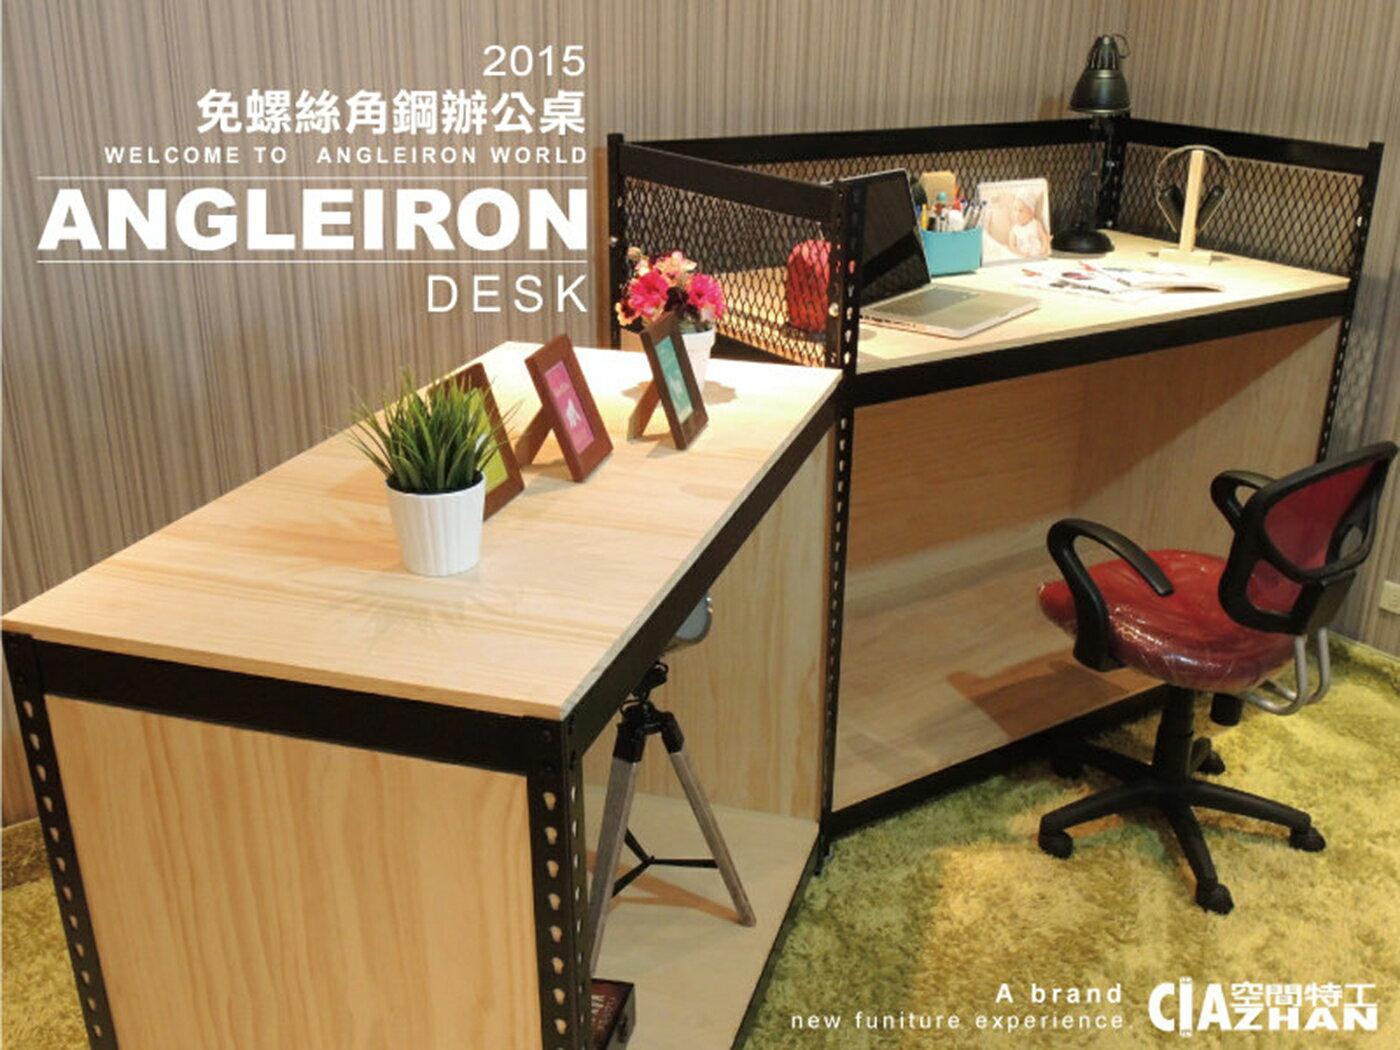 ♞空間特工♞ 辦公家具系列 書桌 紐約Loft風 消光黑 免螺絲角鋼(你設計我接單~自由不設限!)市面上唯一全2mm厚